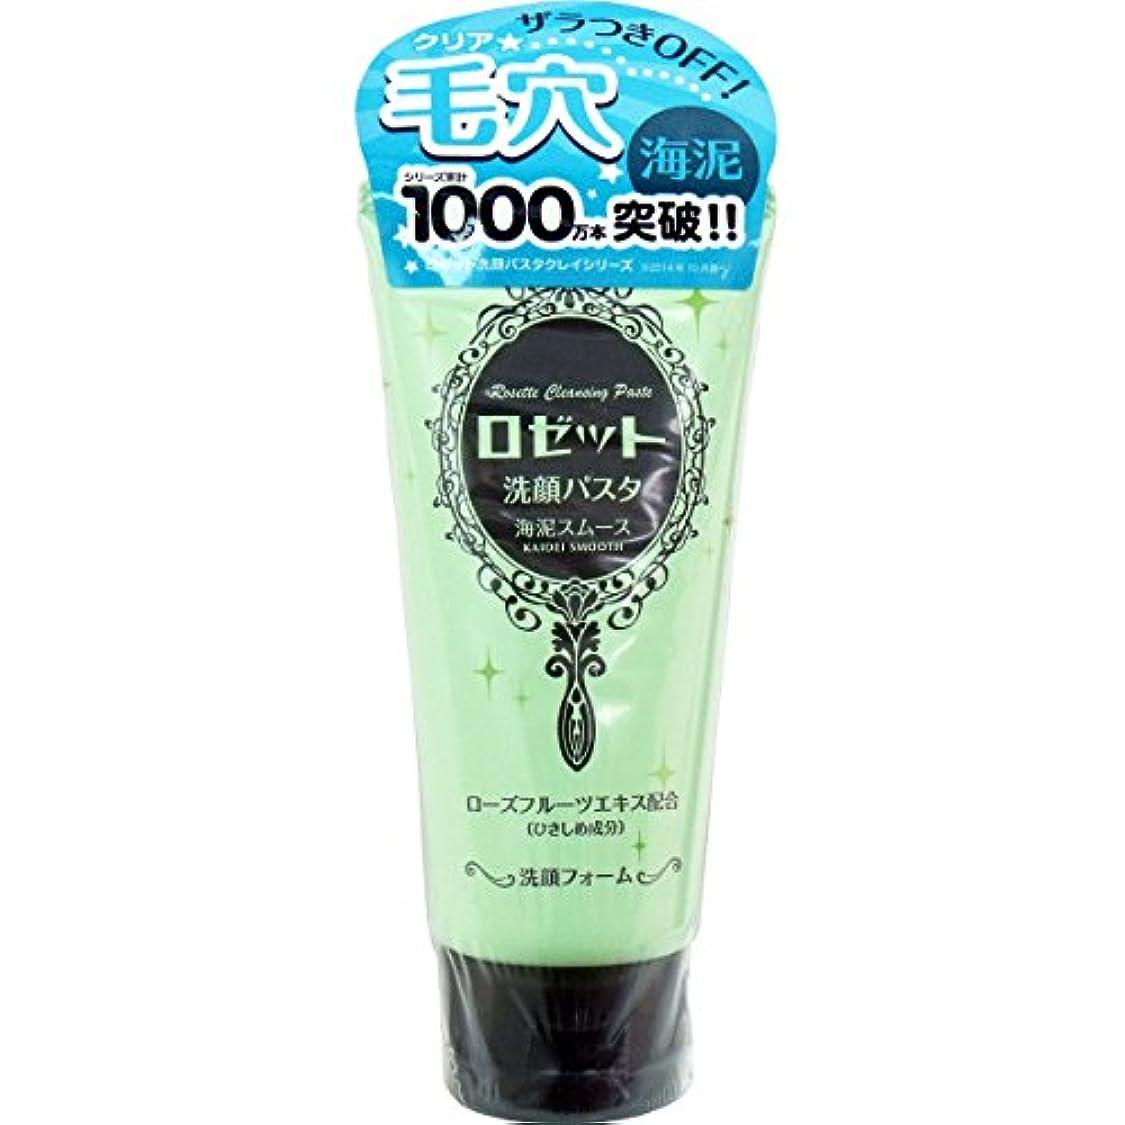 量で剥離もっとロゼット 洗顔パスタ 海泥スムース 120g x 5本セット